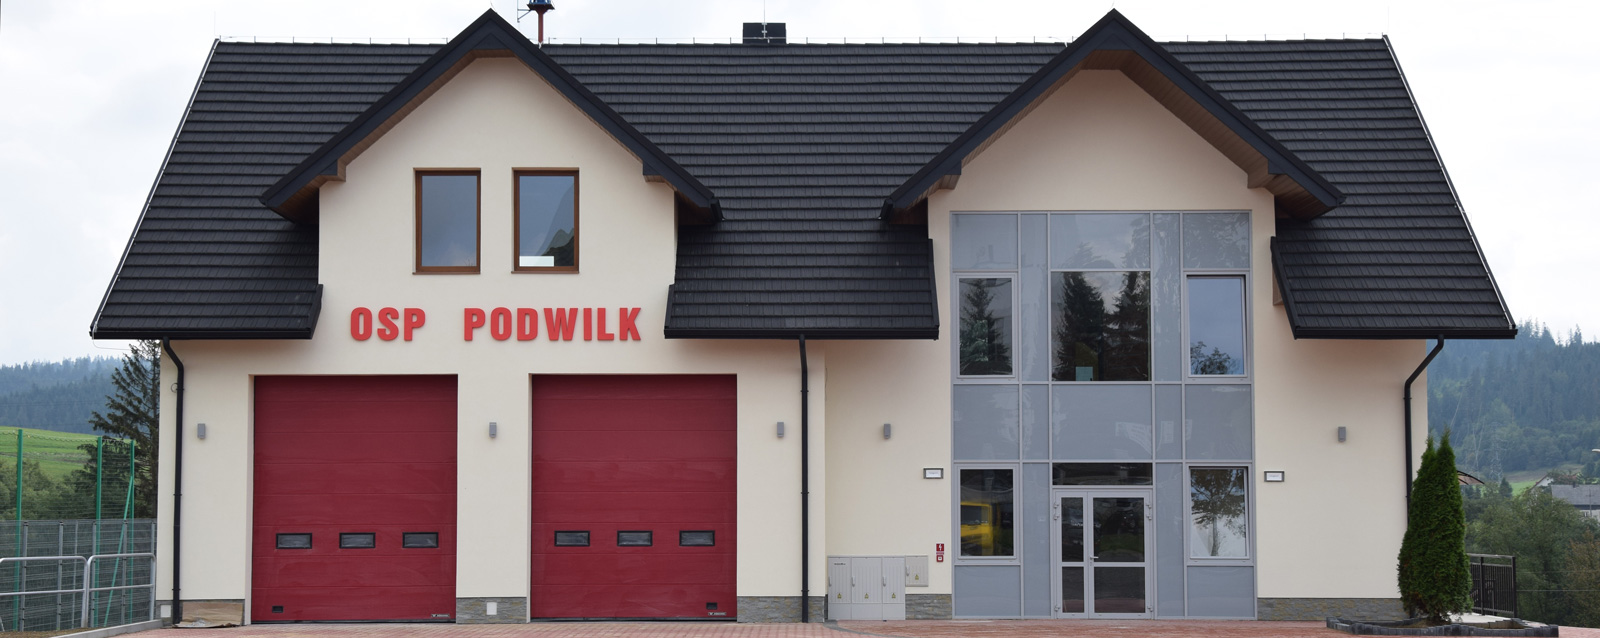 Nowy budynek remizy Ochotniczej Straży Pożarnej w Podwilku